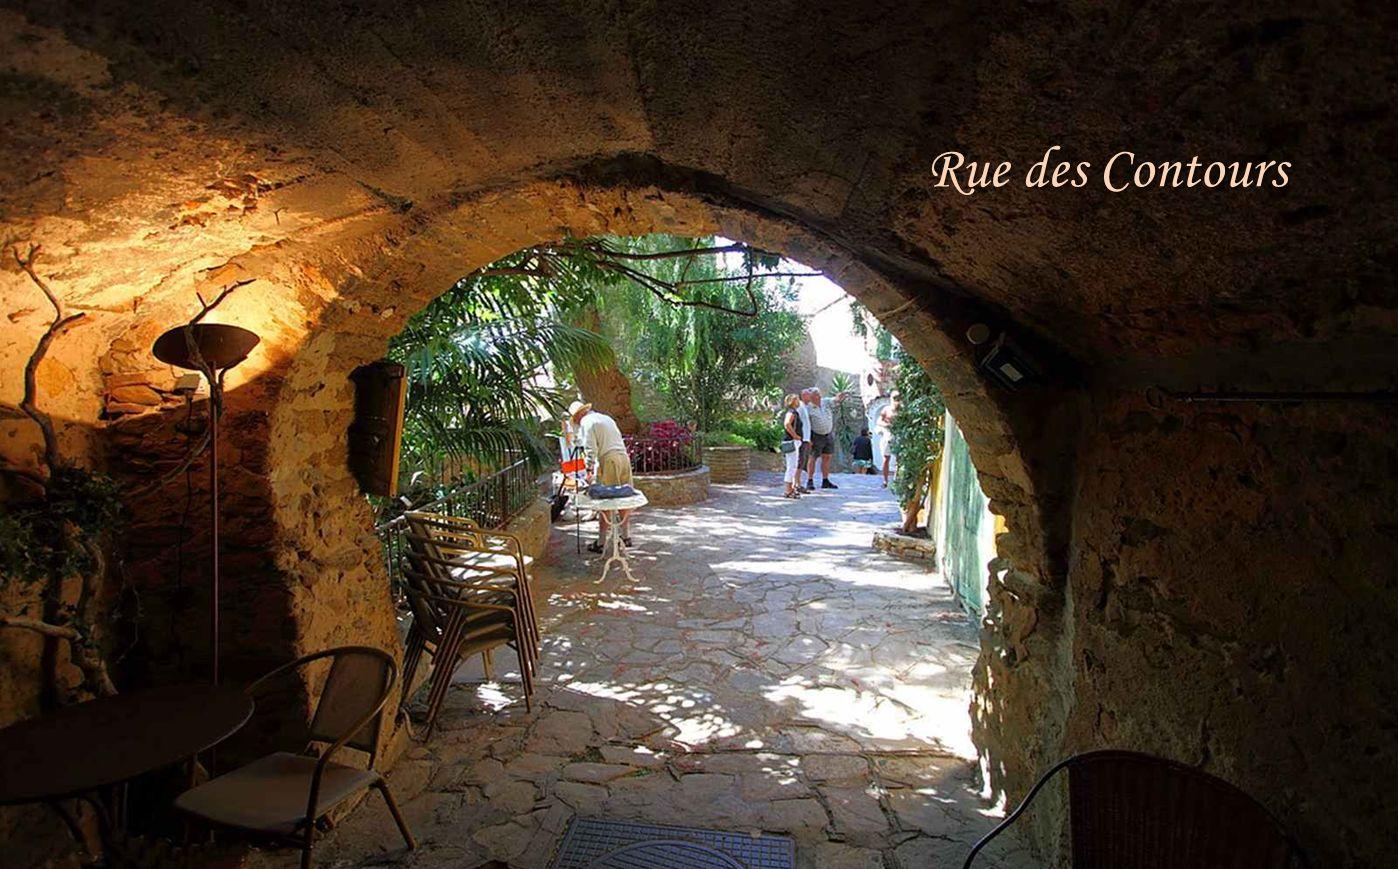 Rue des Contours